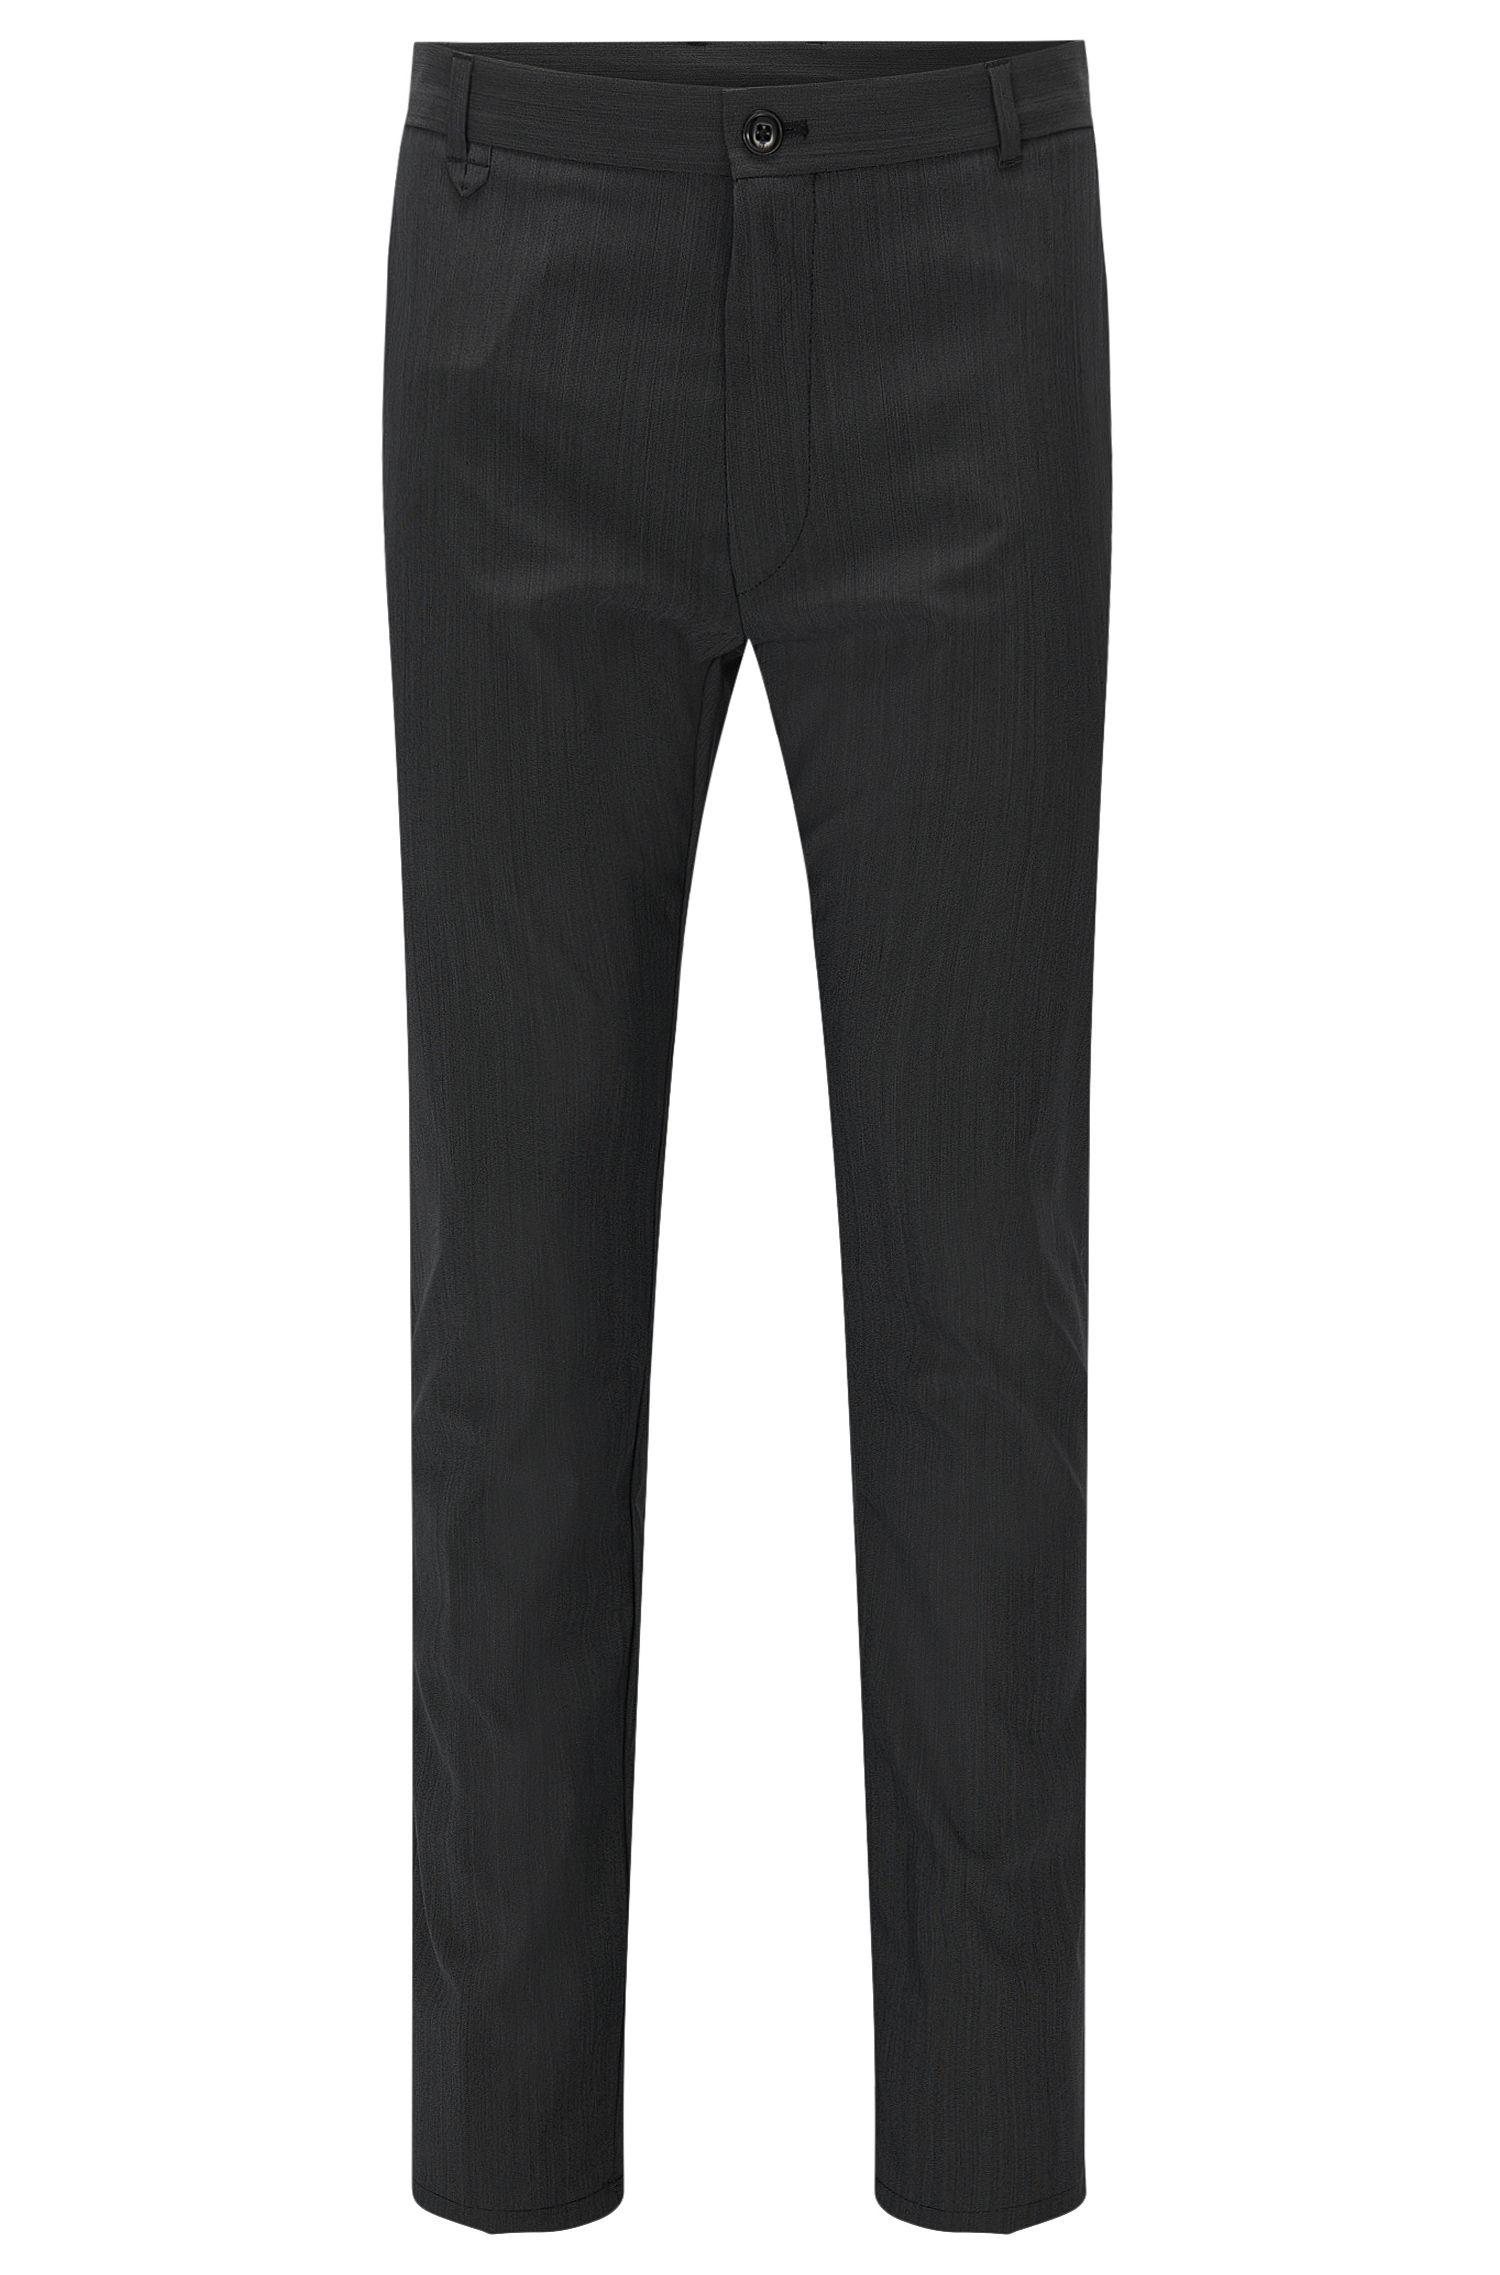 'Heldor2' | Slim Fit, Virgin Wool Blend Dress Pants